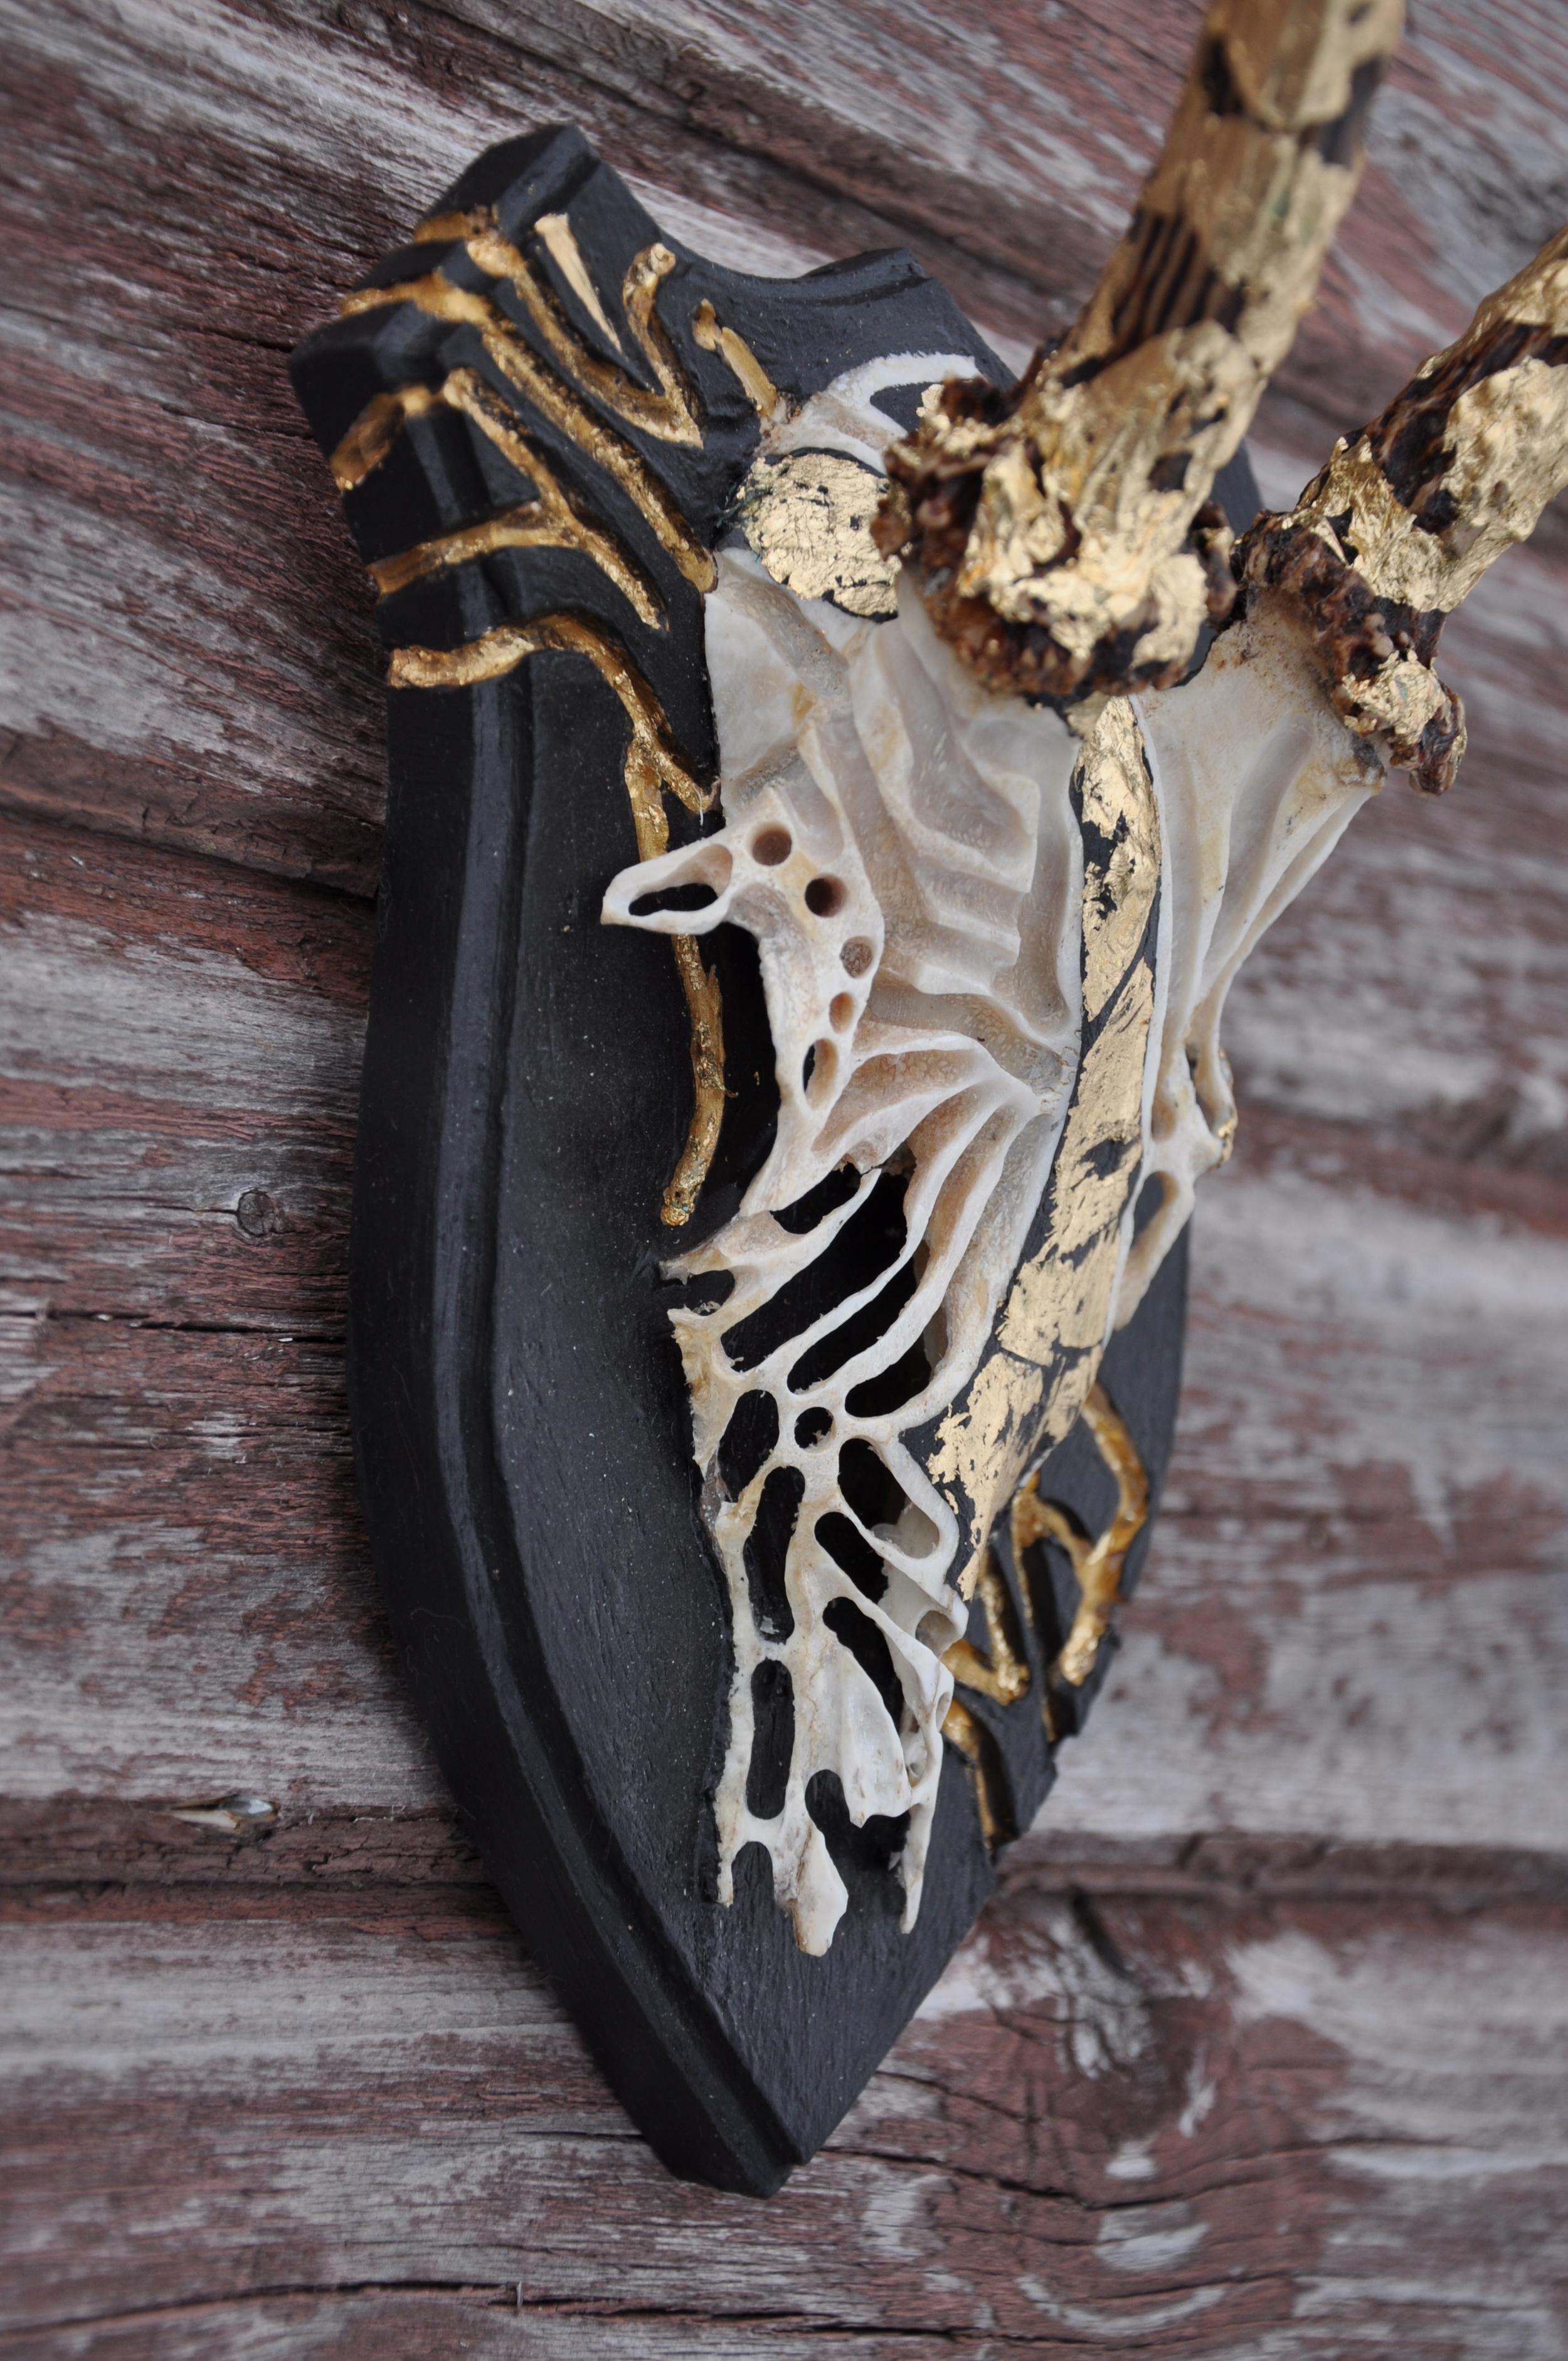 petra-shara-stoor-skull-art-nie-2.JPG